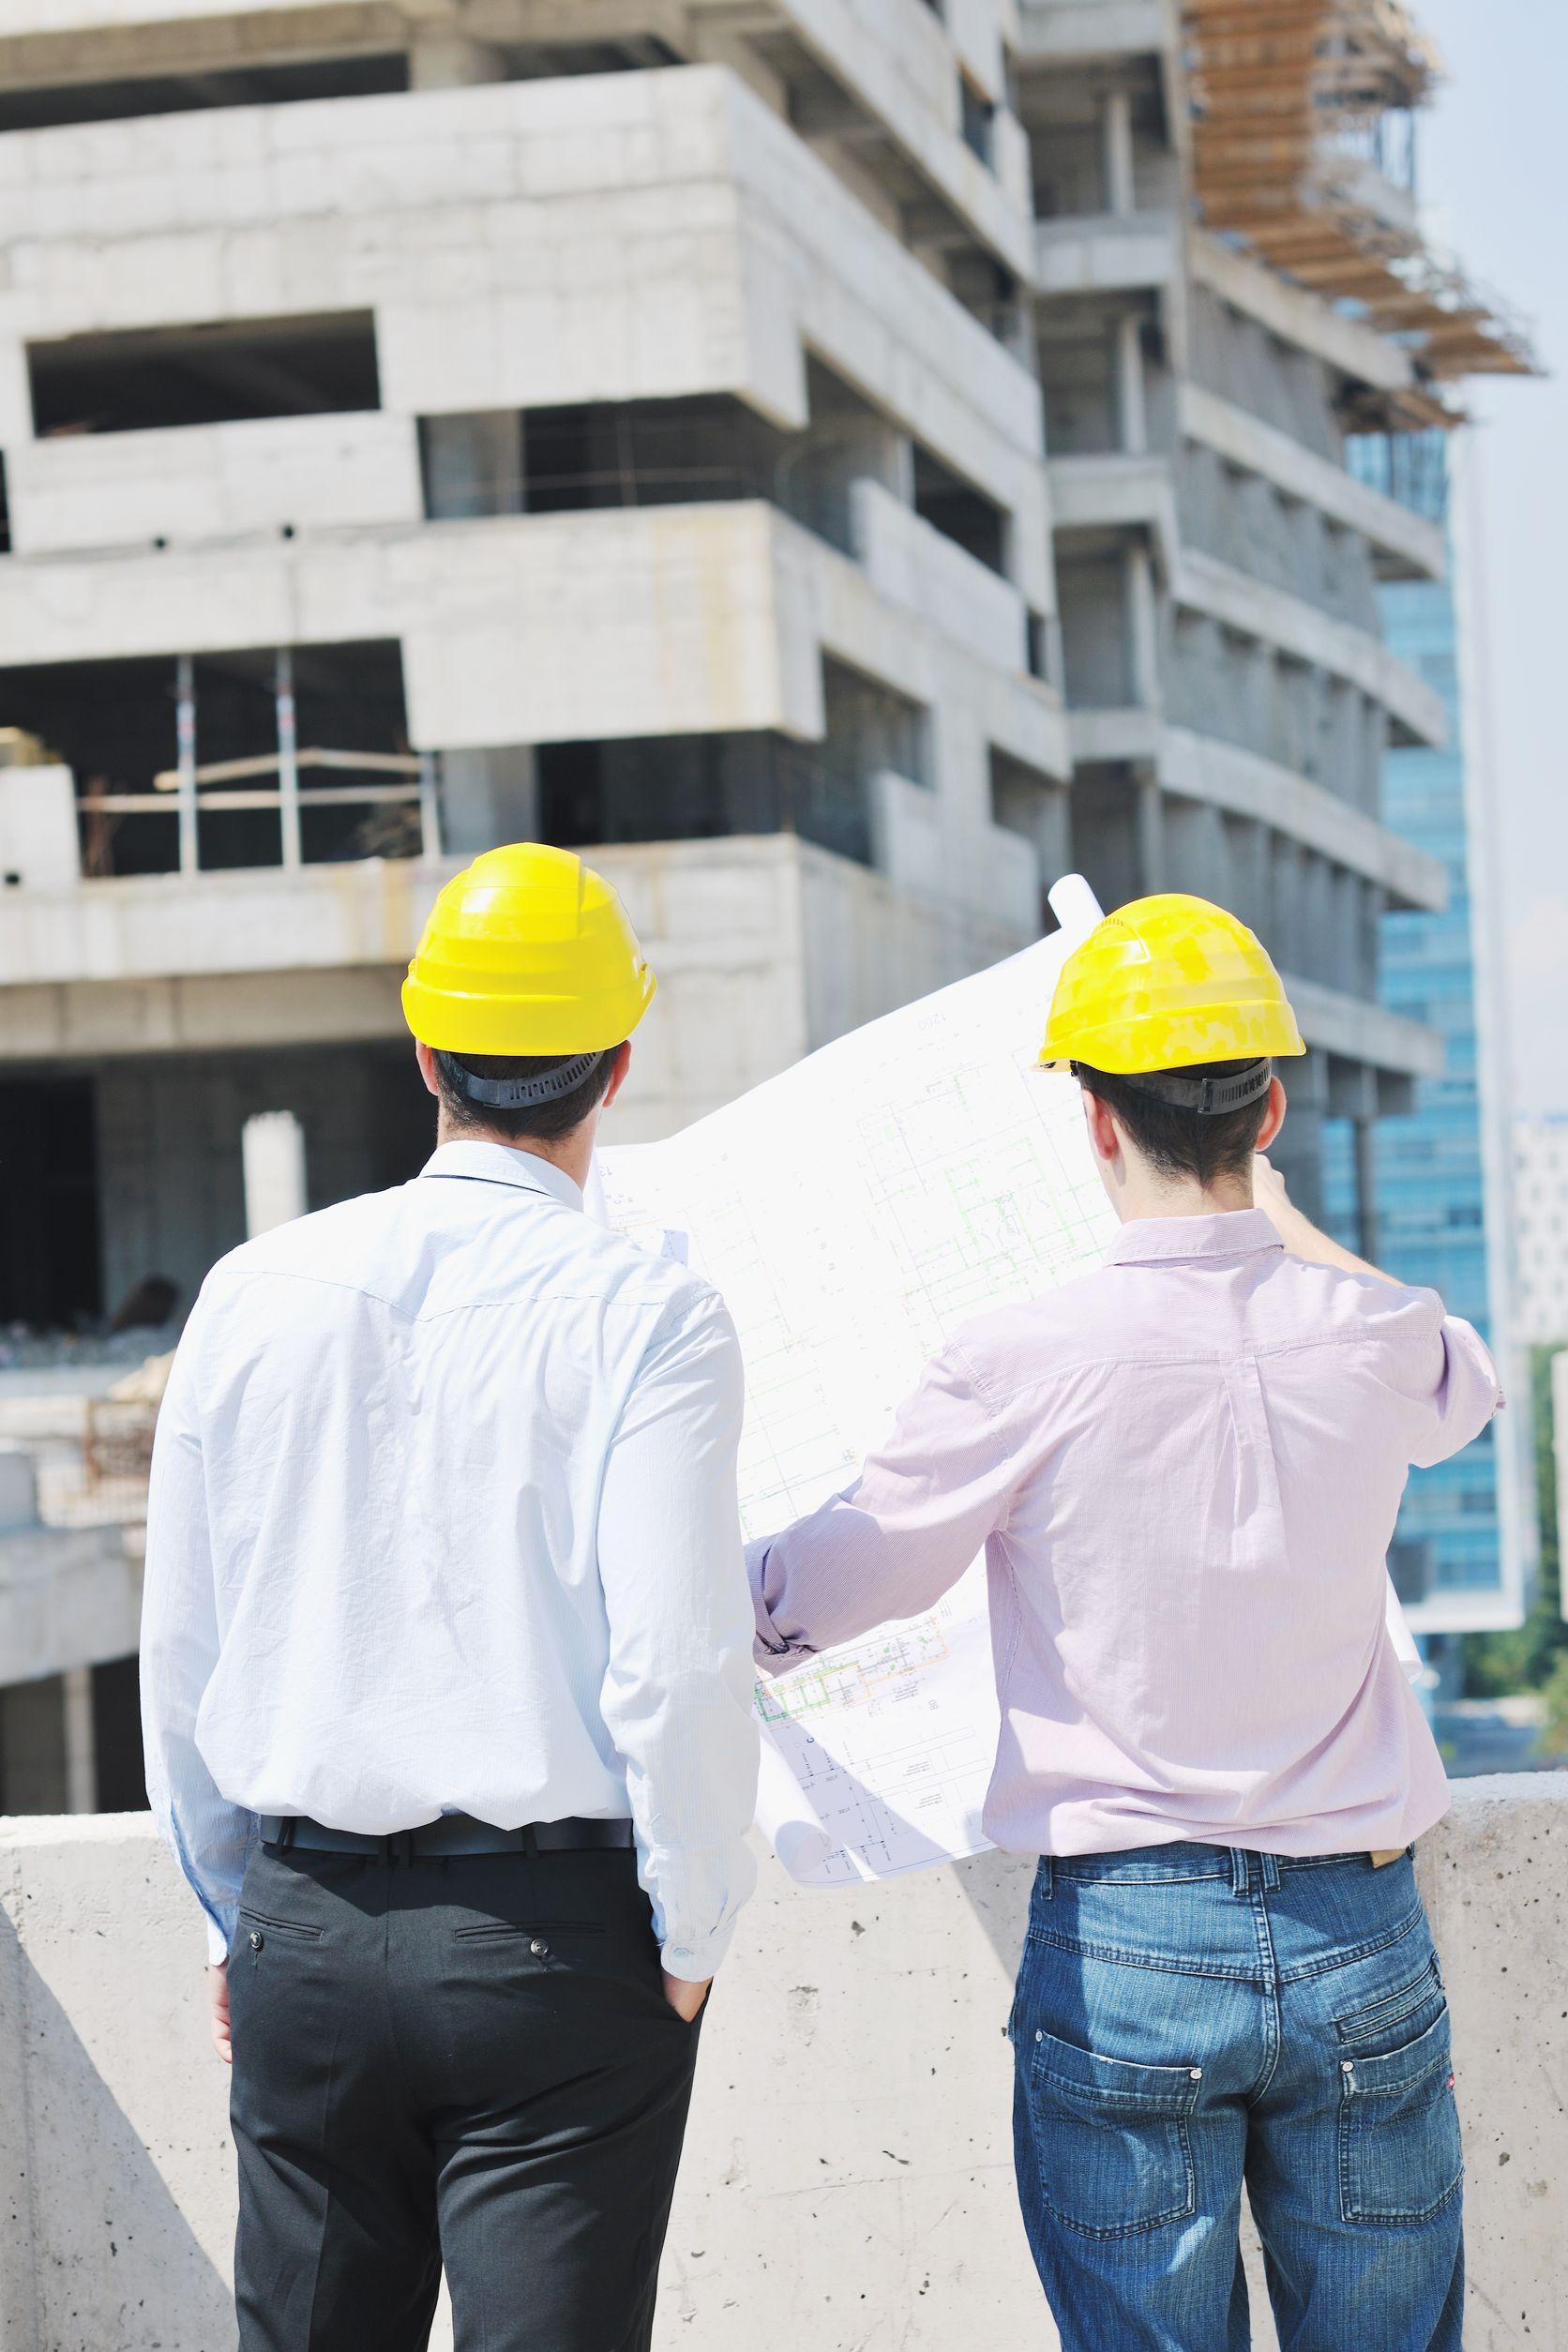 Investissement participatif immobilier crit res de selection - Investissement participatif immobilier ...